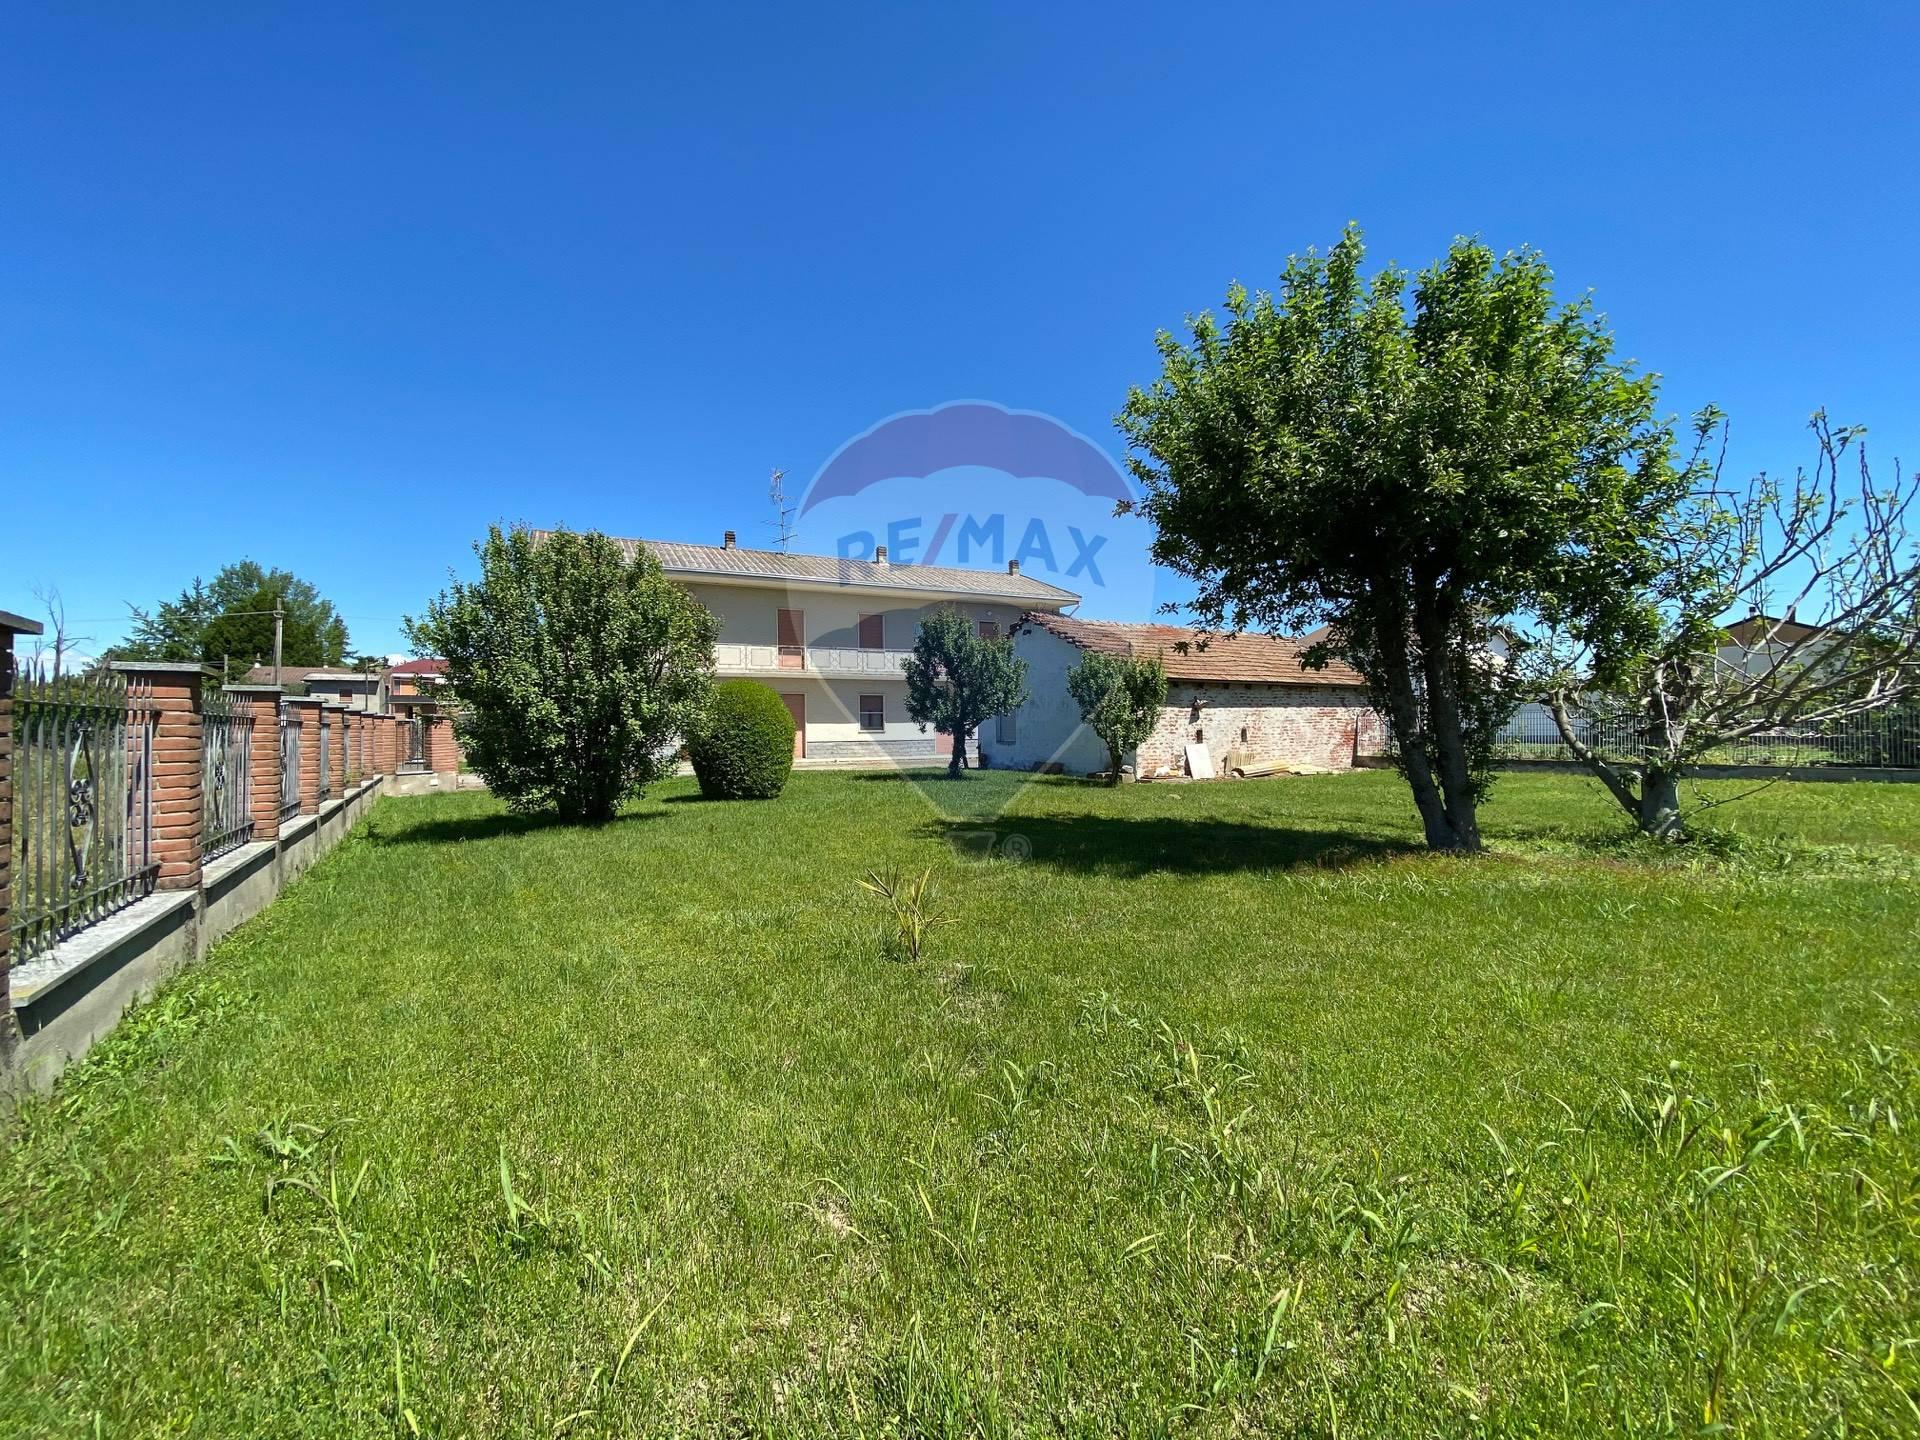 Villa Bifamiliare in vendita a Villata, 7 locali, prezzo € 98.000 | CambioCasa.it